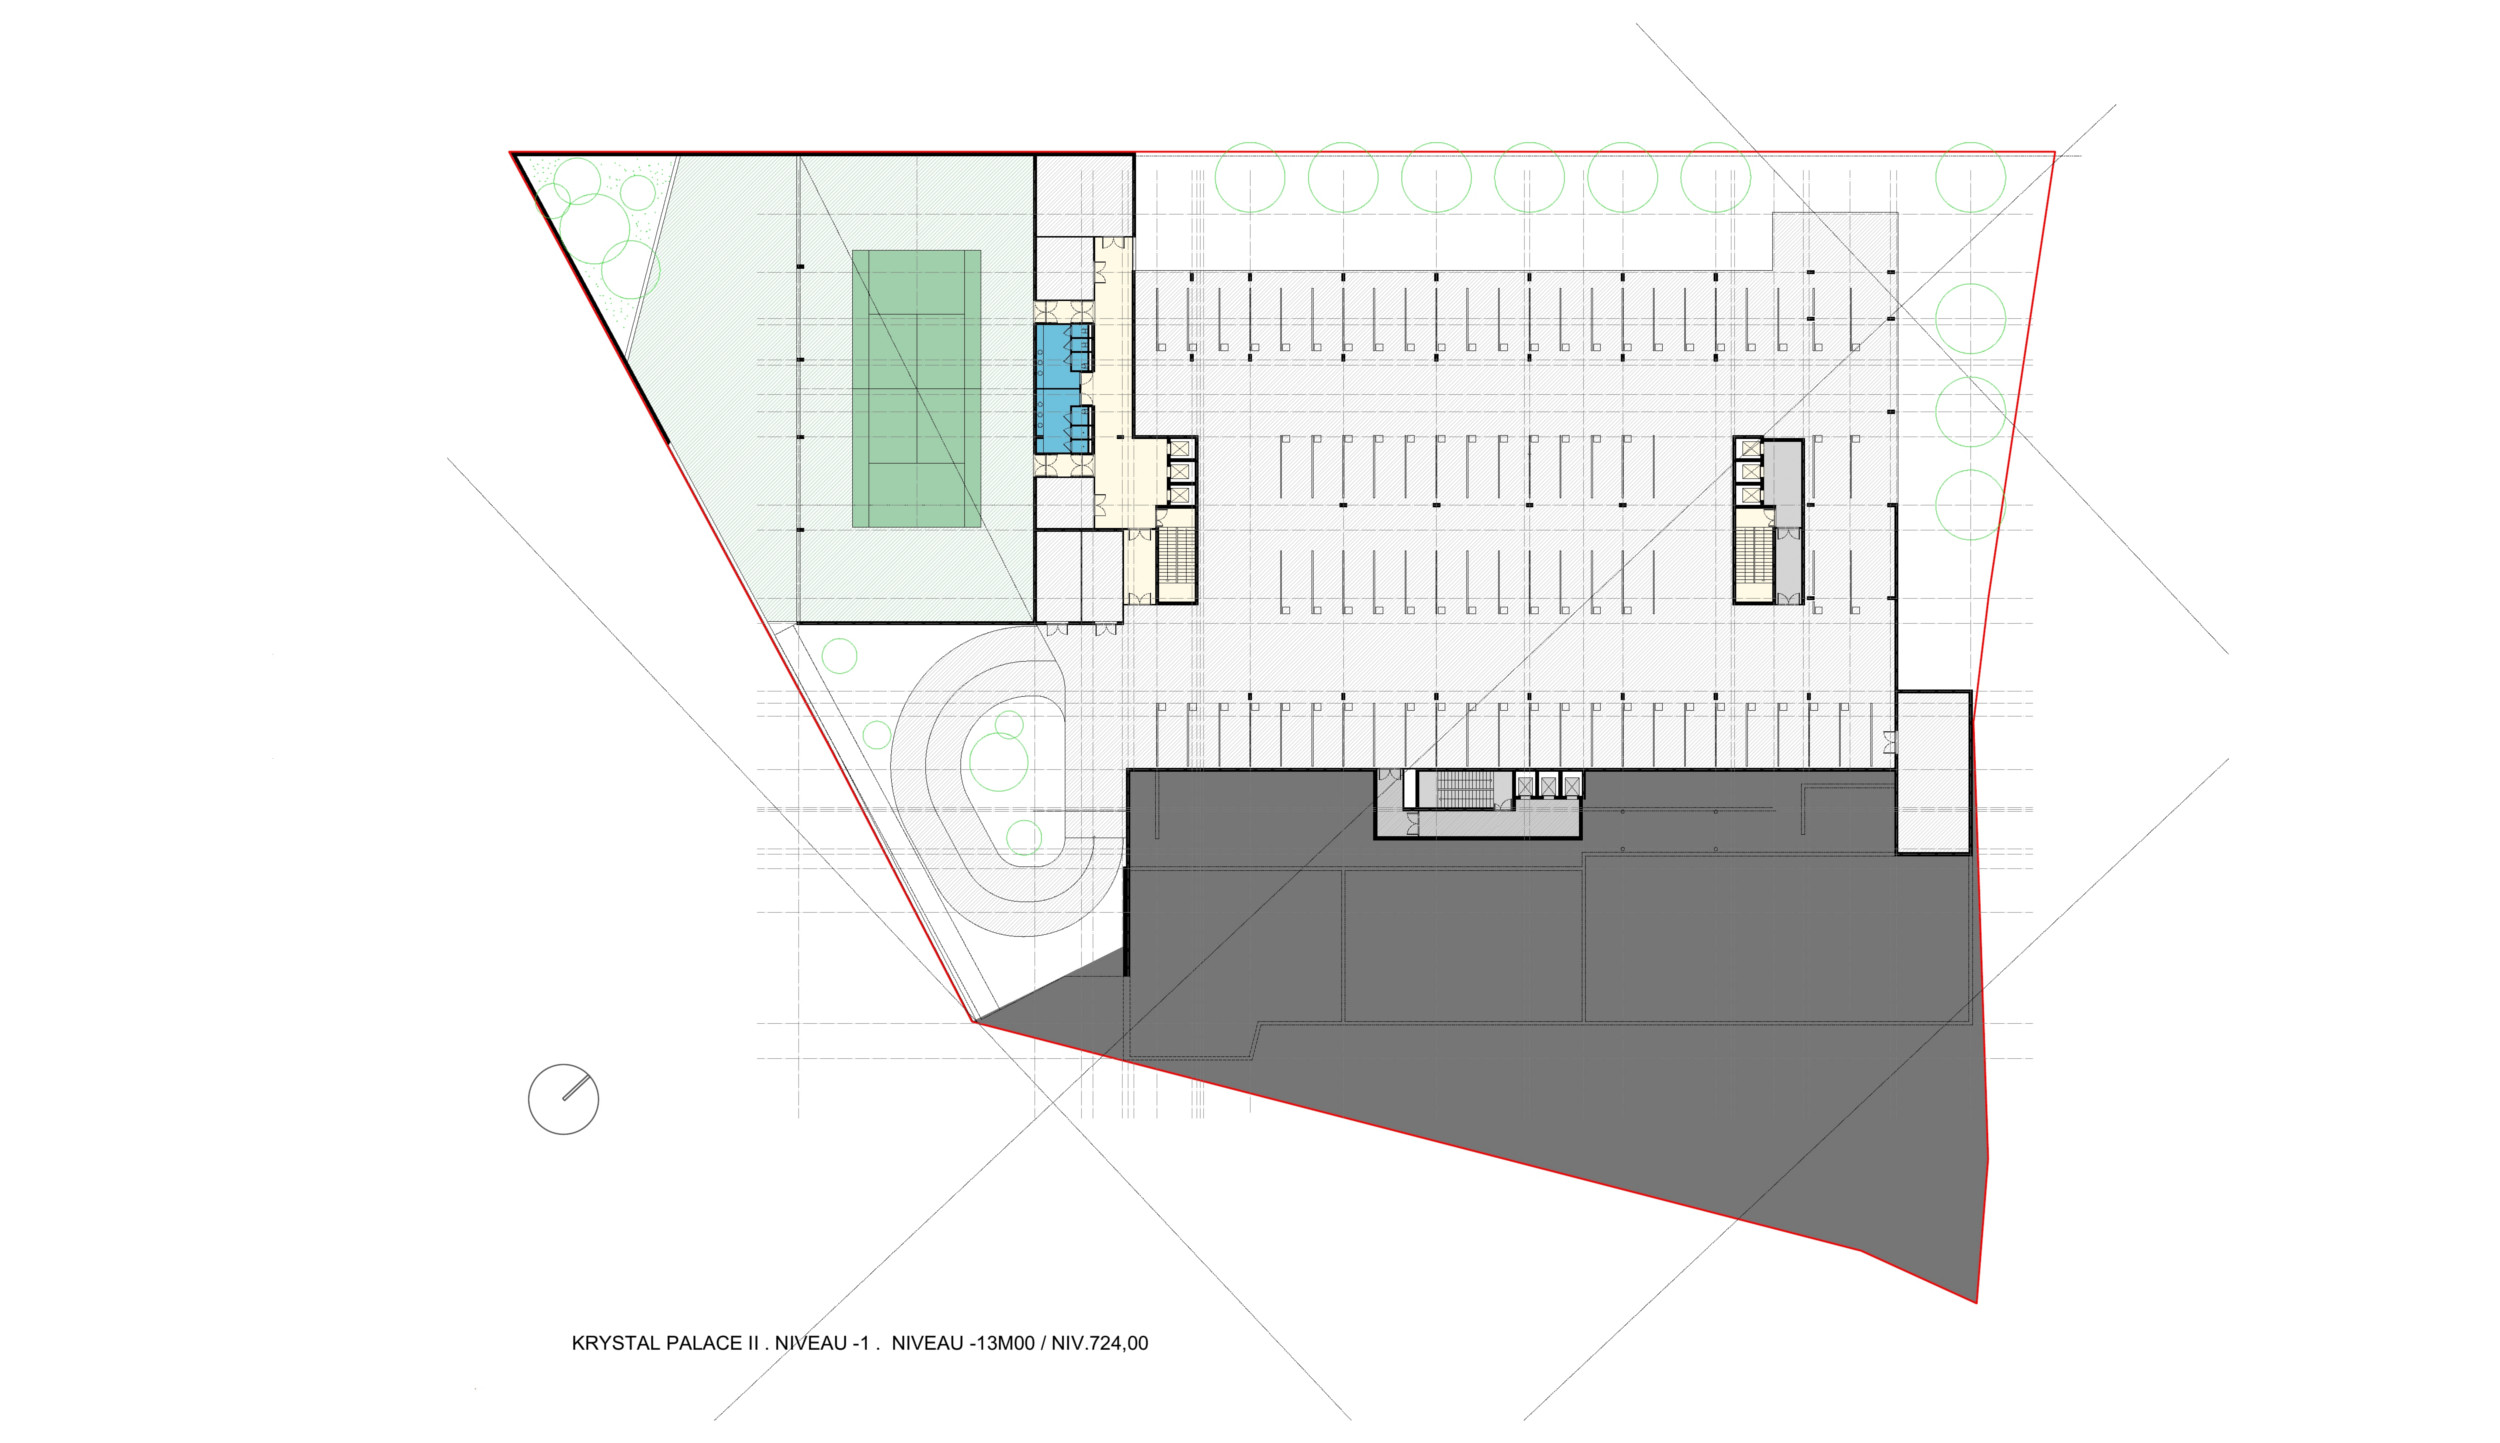 KRYSTAL PALACE-plan-09-n-1